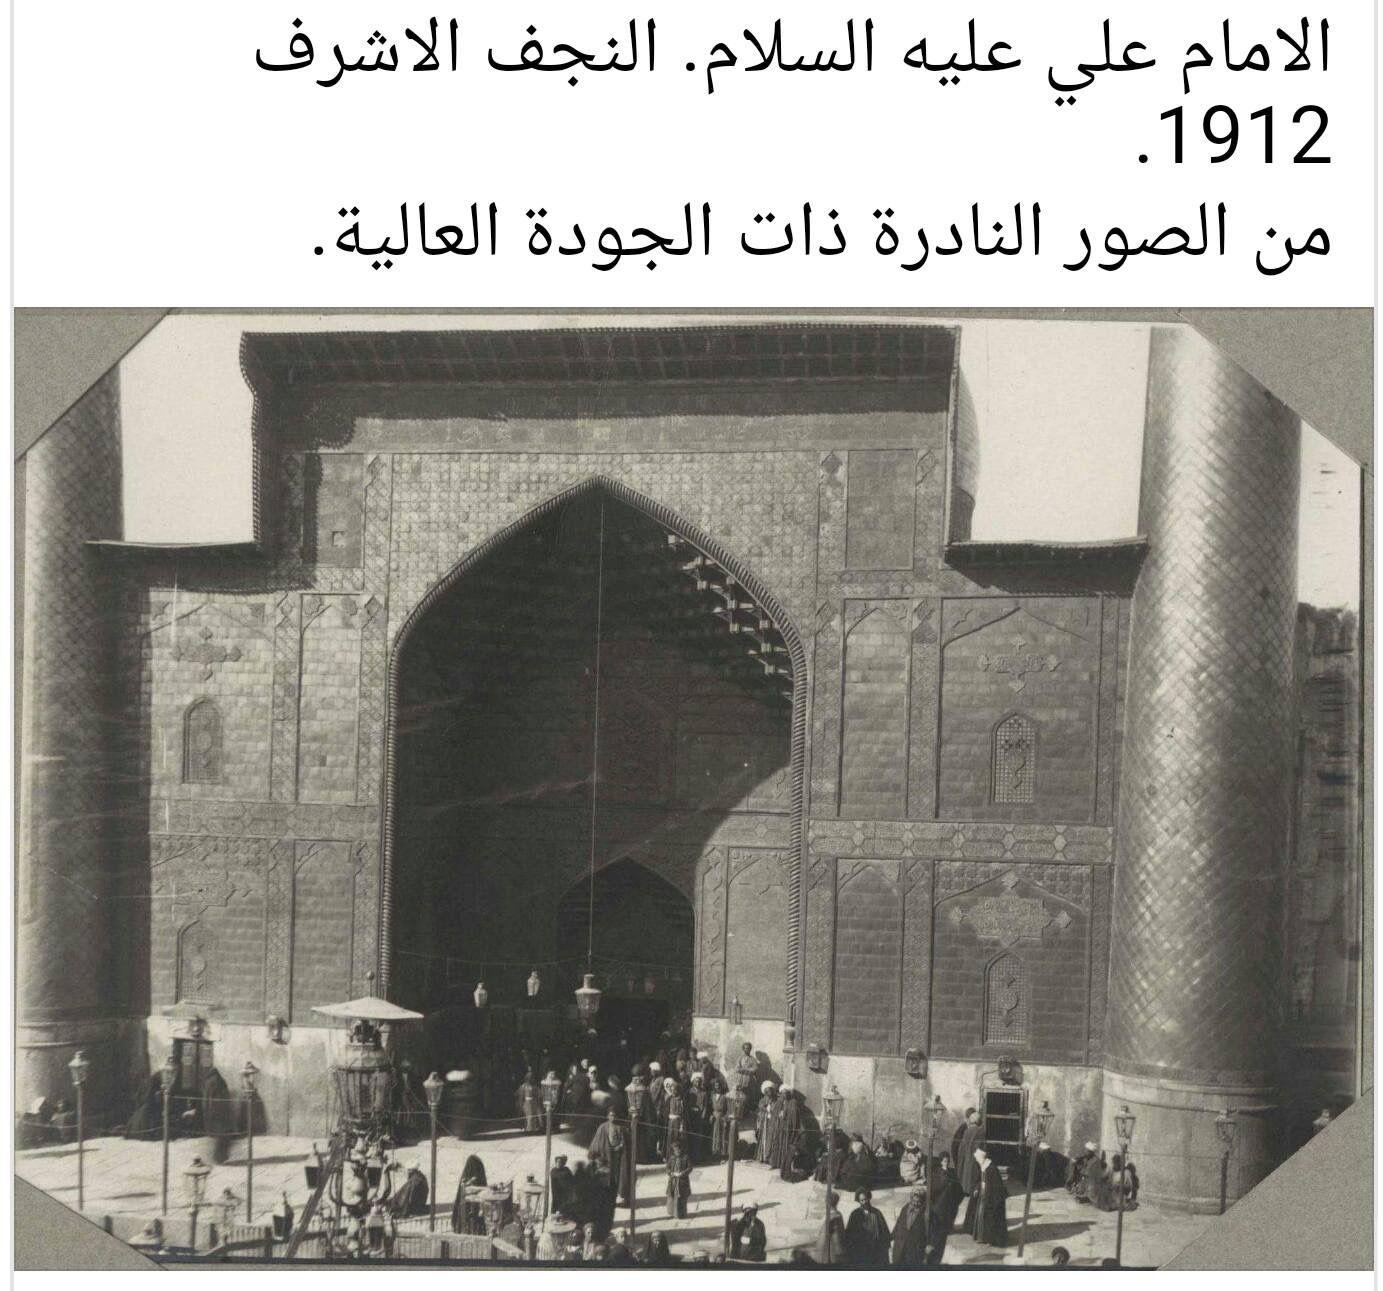 مرقد الامام علي ابن ابي طالب عليه السلام عام 1912 من الصور النادرة Imam Ali Quotes Baghdad Arabian Art